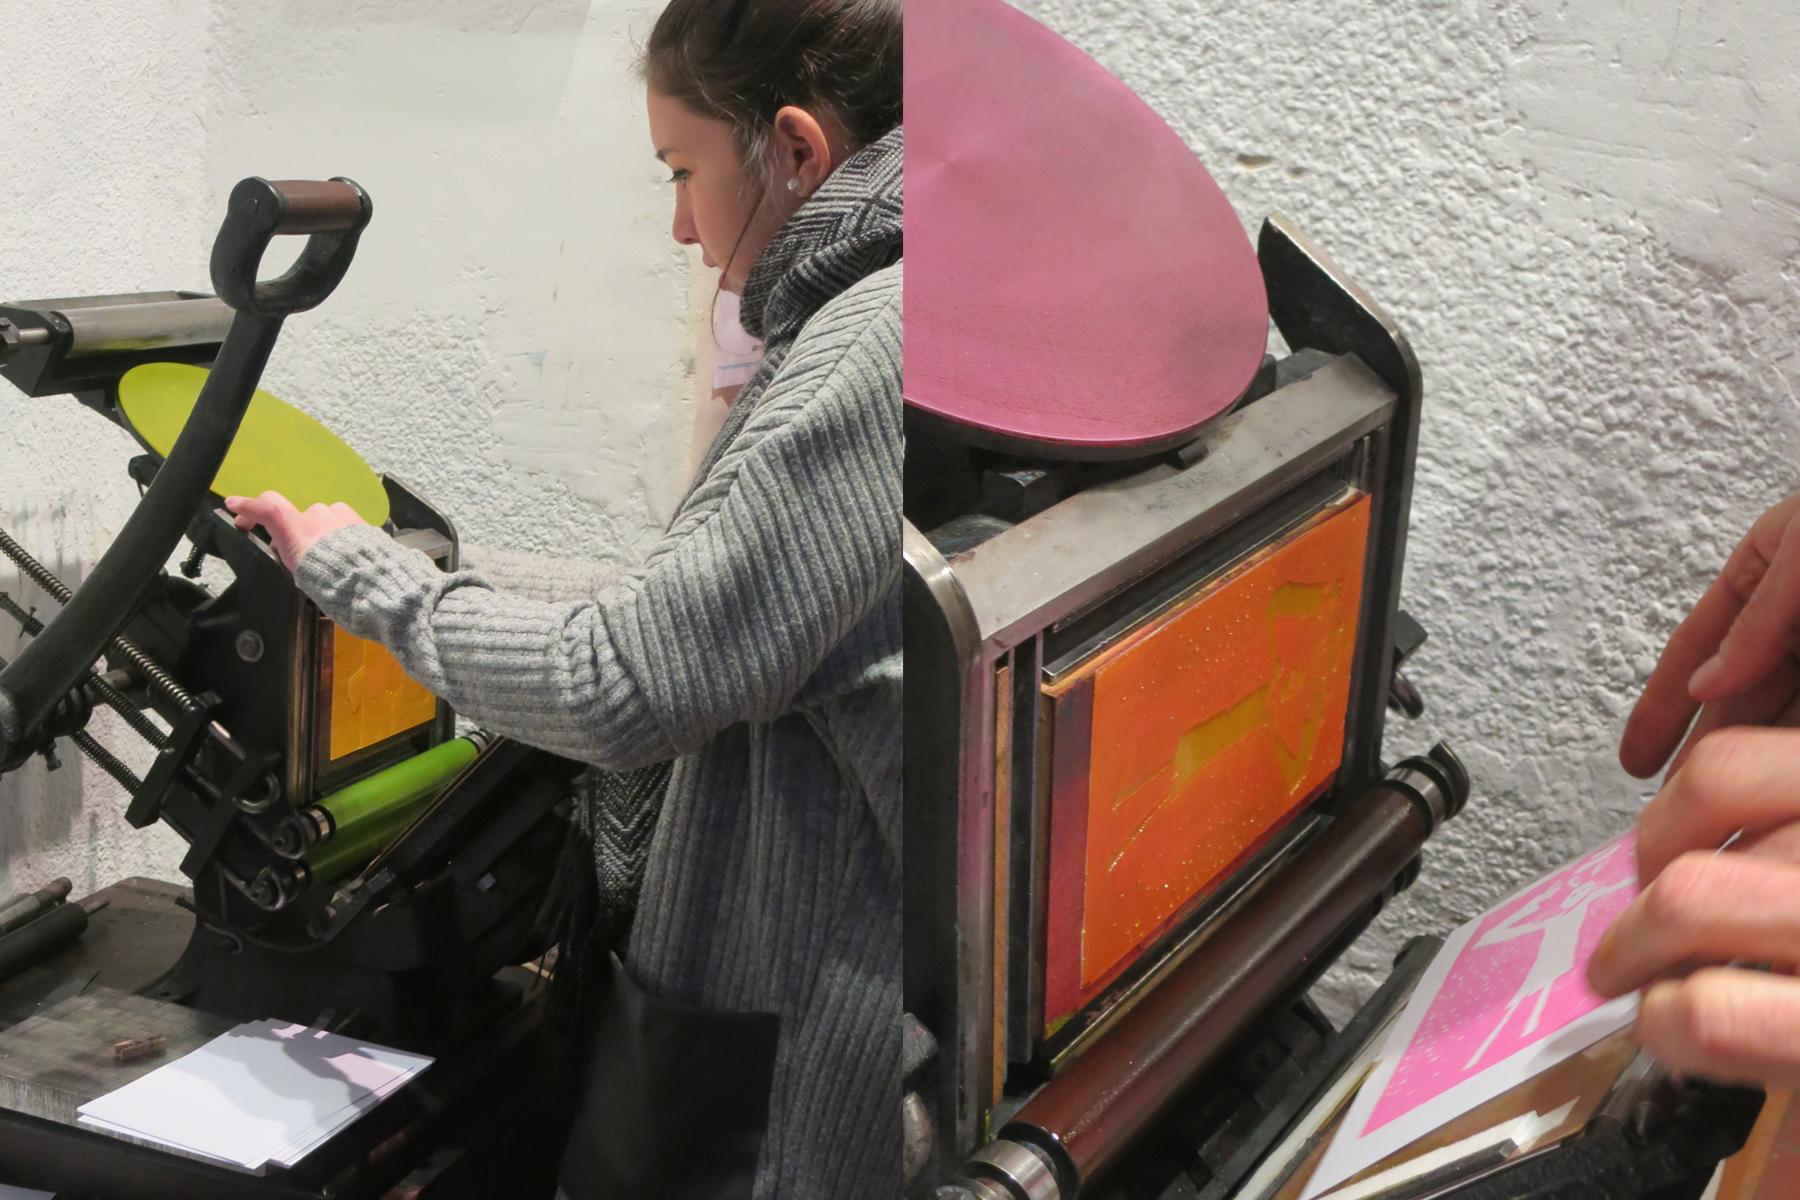 11-iluspress-ilustracion-fotopolimeros-grabado-taller-letra-por-letra-papel-principal-letterpress-imprenta-tipografica-1.jpg